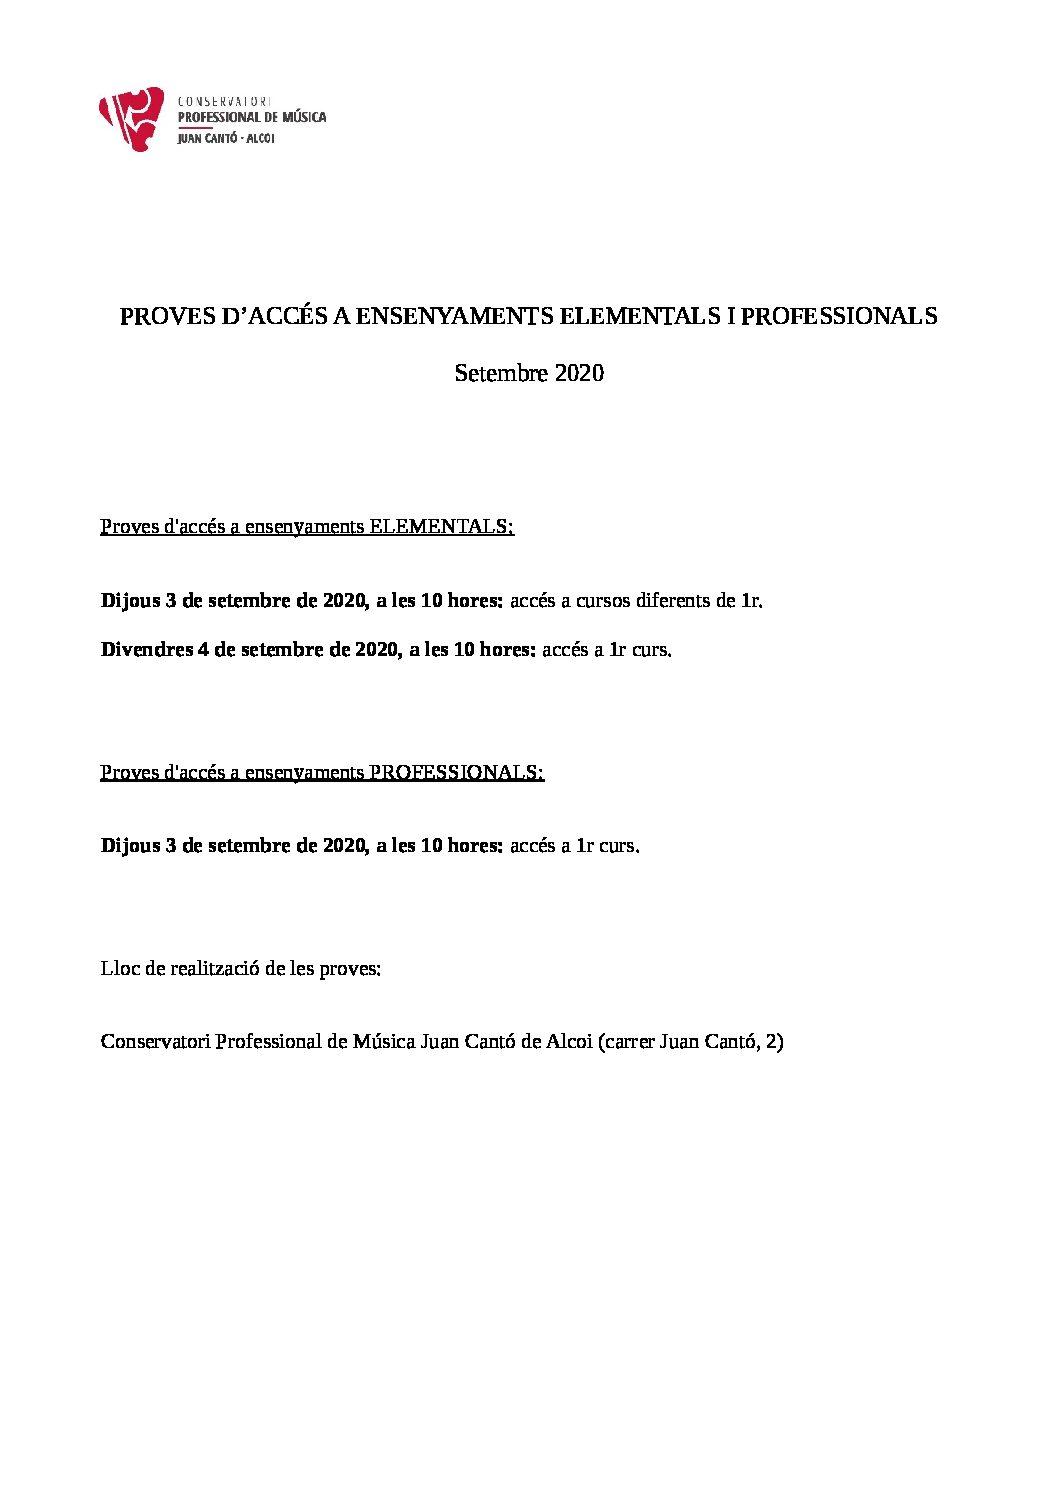 PROVES D'ACCÉS A ENSENYAMENTS ELEMENTALS I PROFESSIONALS(SETEMBRE 2020)